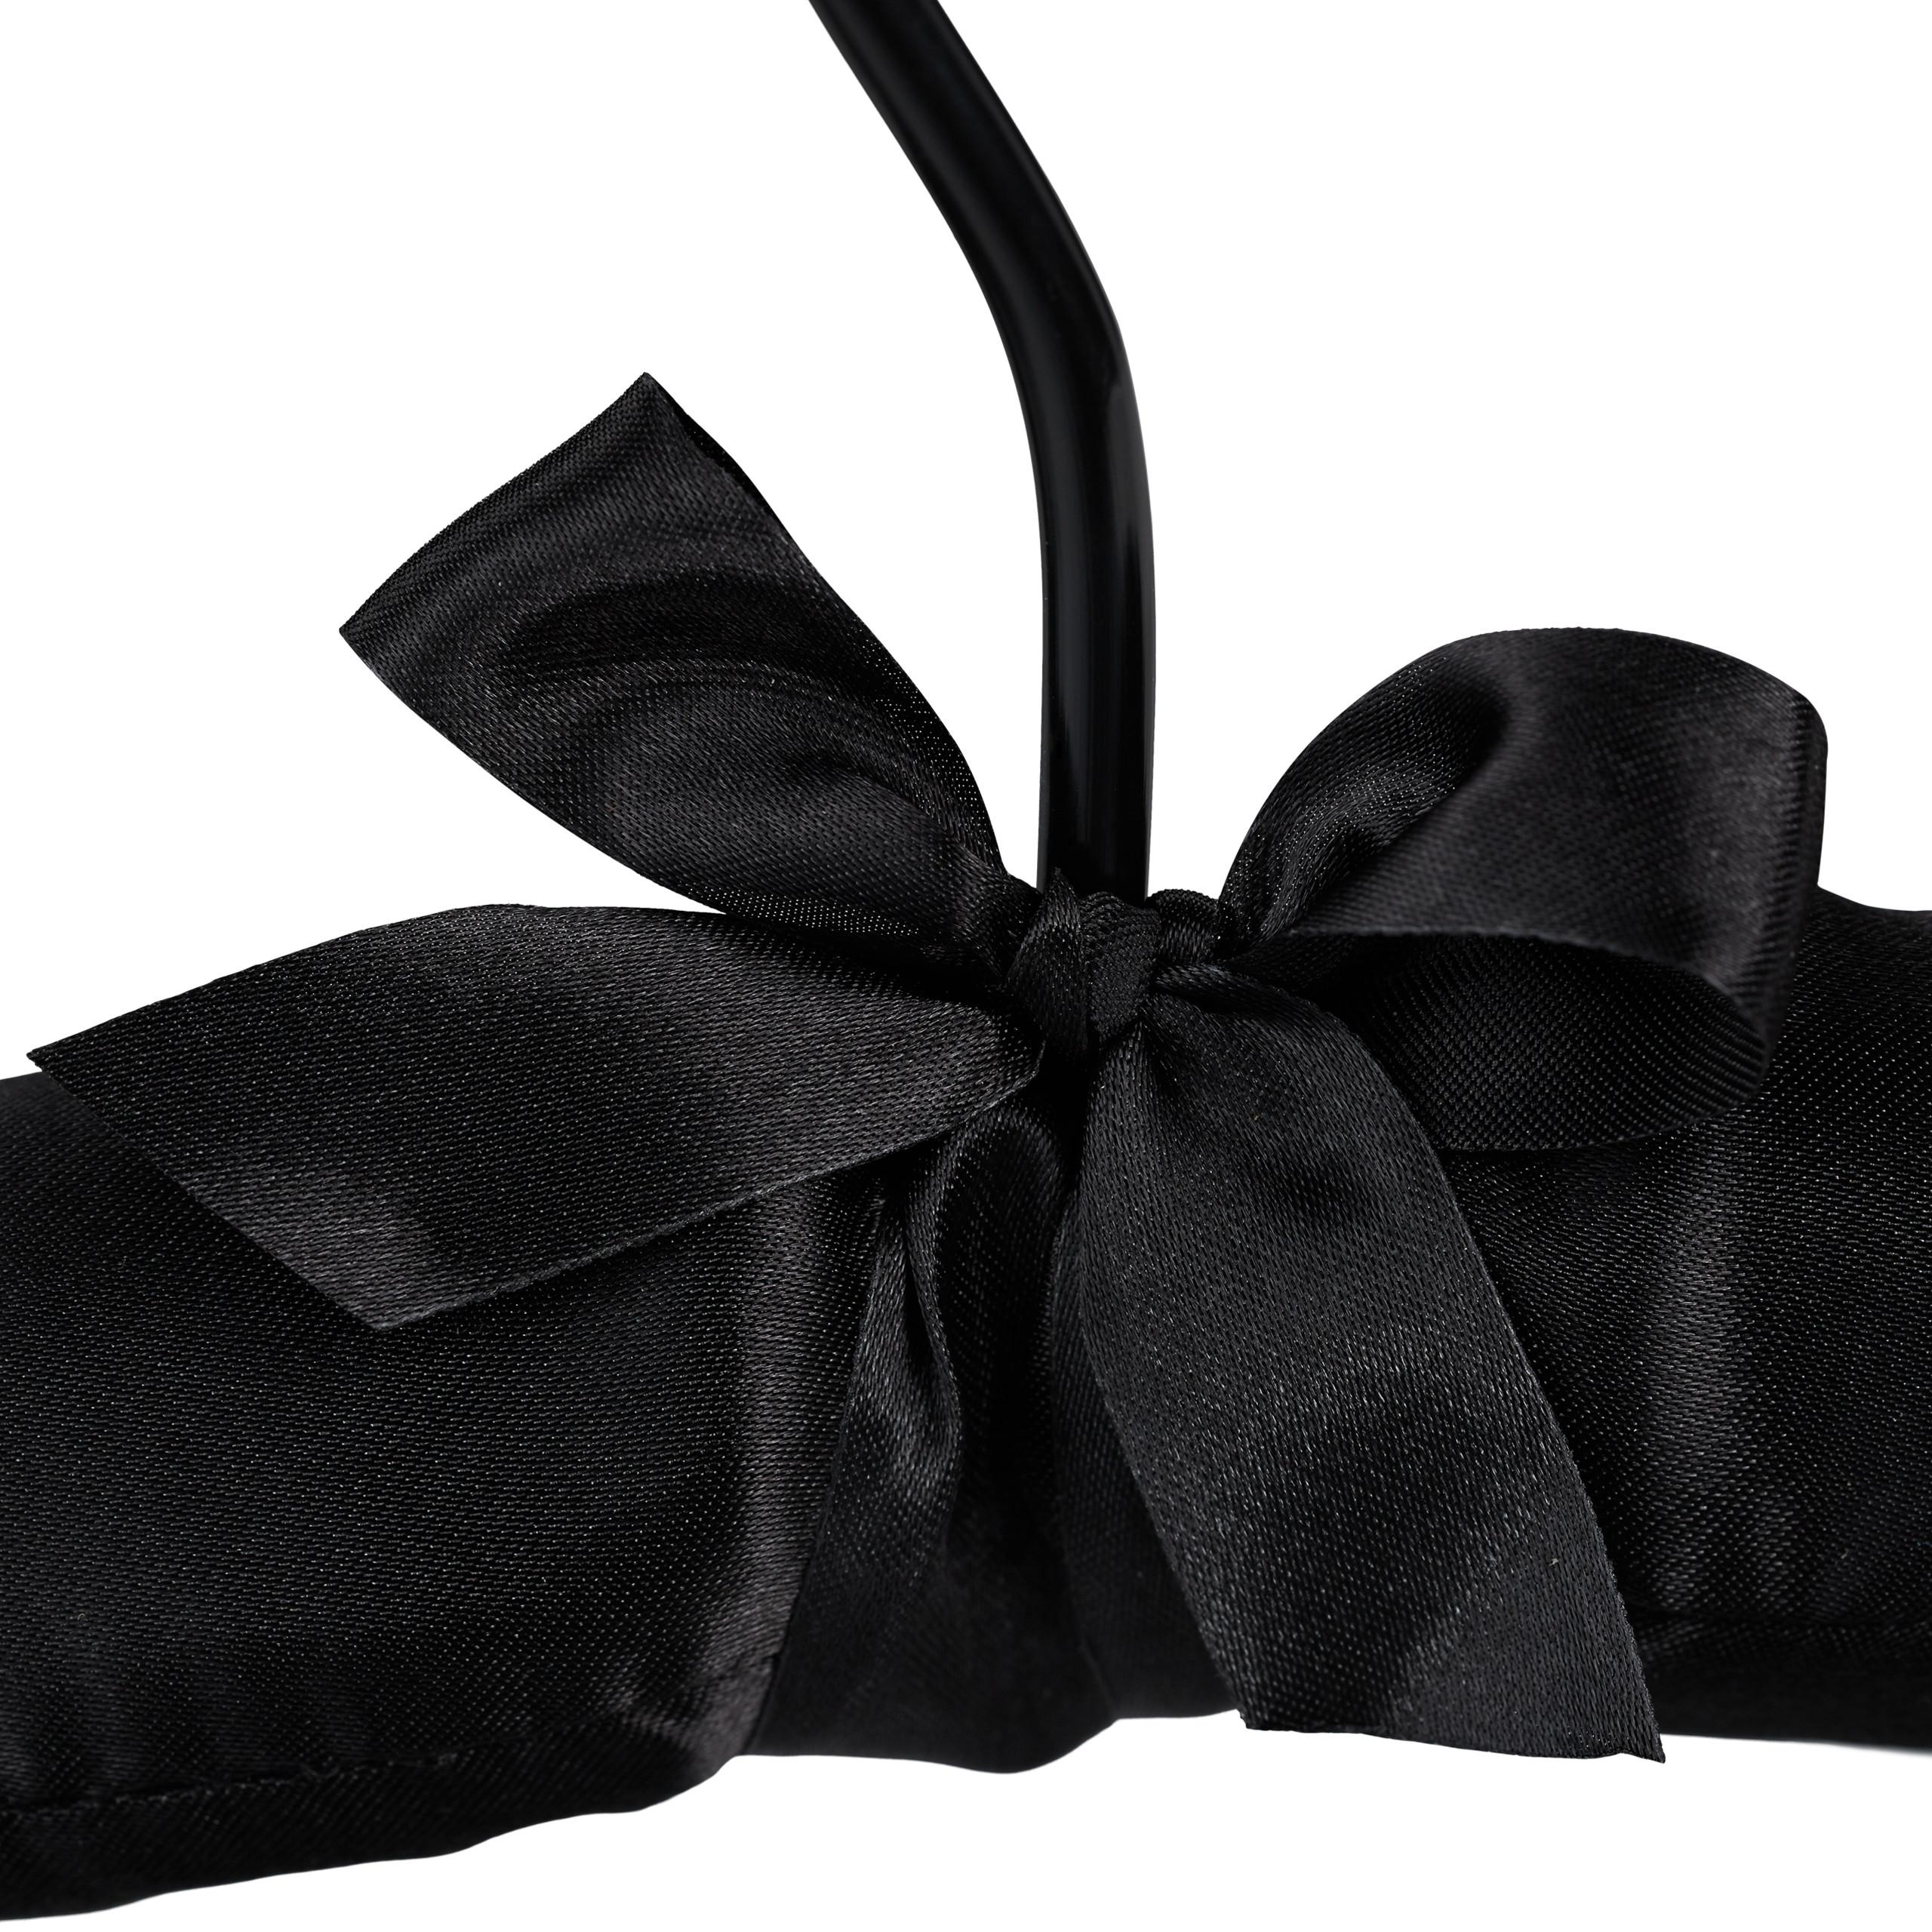 Cintre-satin-cintre-rembourre-doux-vestes-crochet-rotatif-360-noeud-noir-5 miniature 6